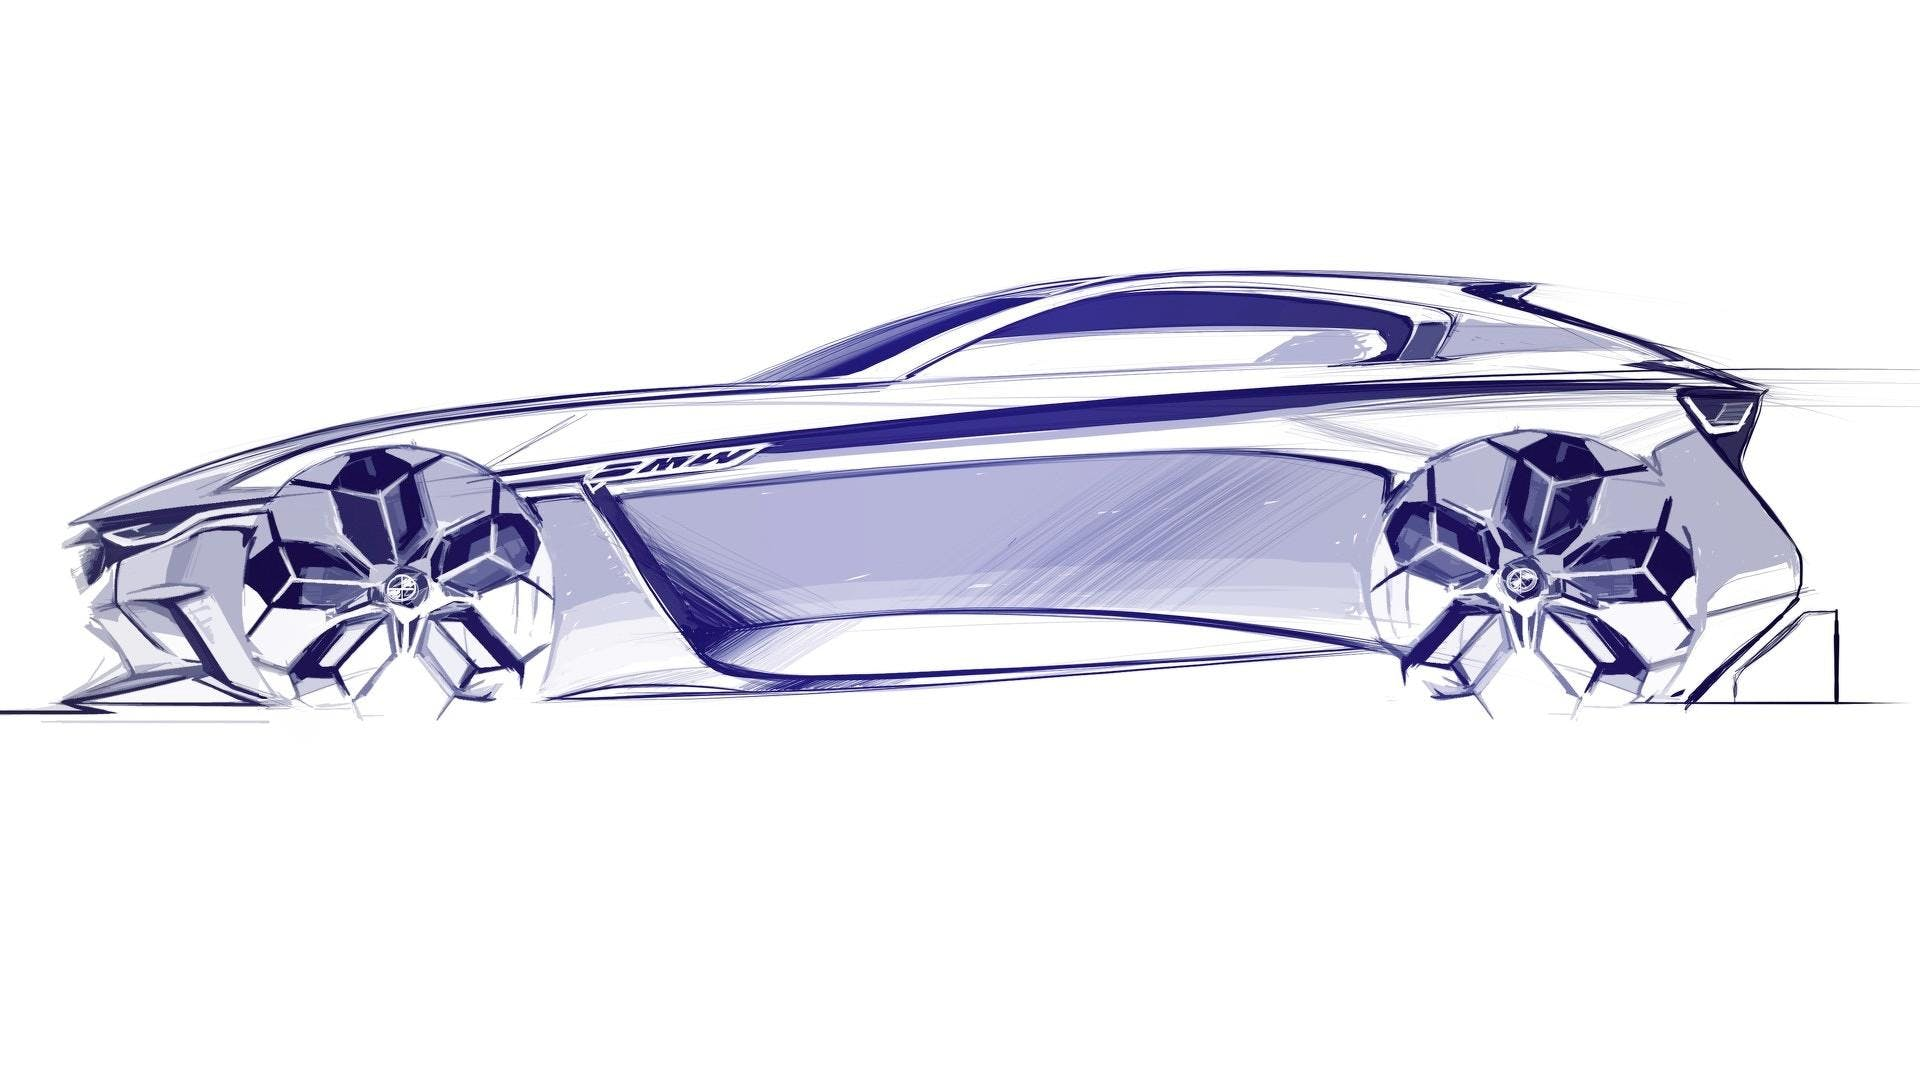 Bmw M Coupe Concept Stort Galleri Med Efterf 248 Lgeren Til